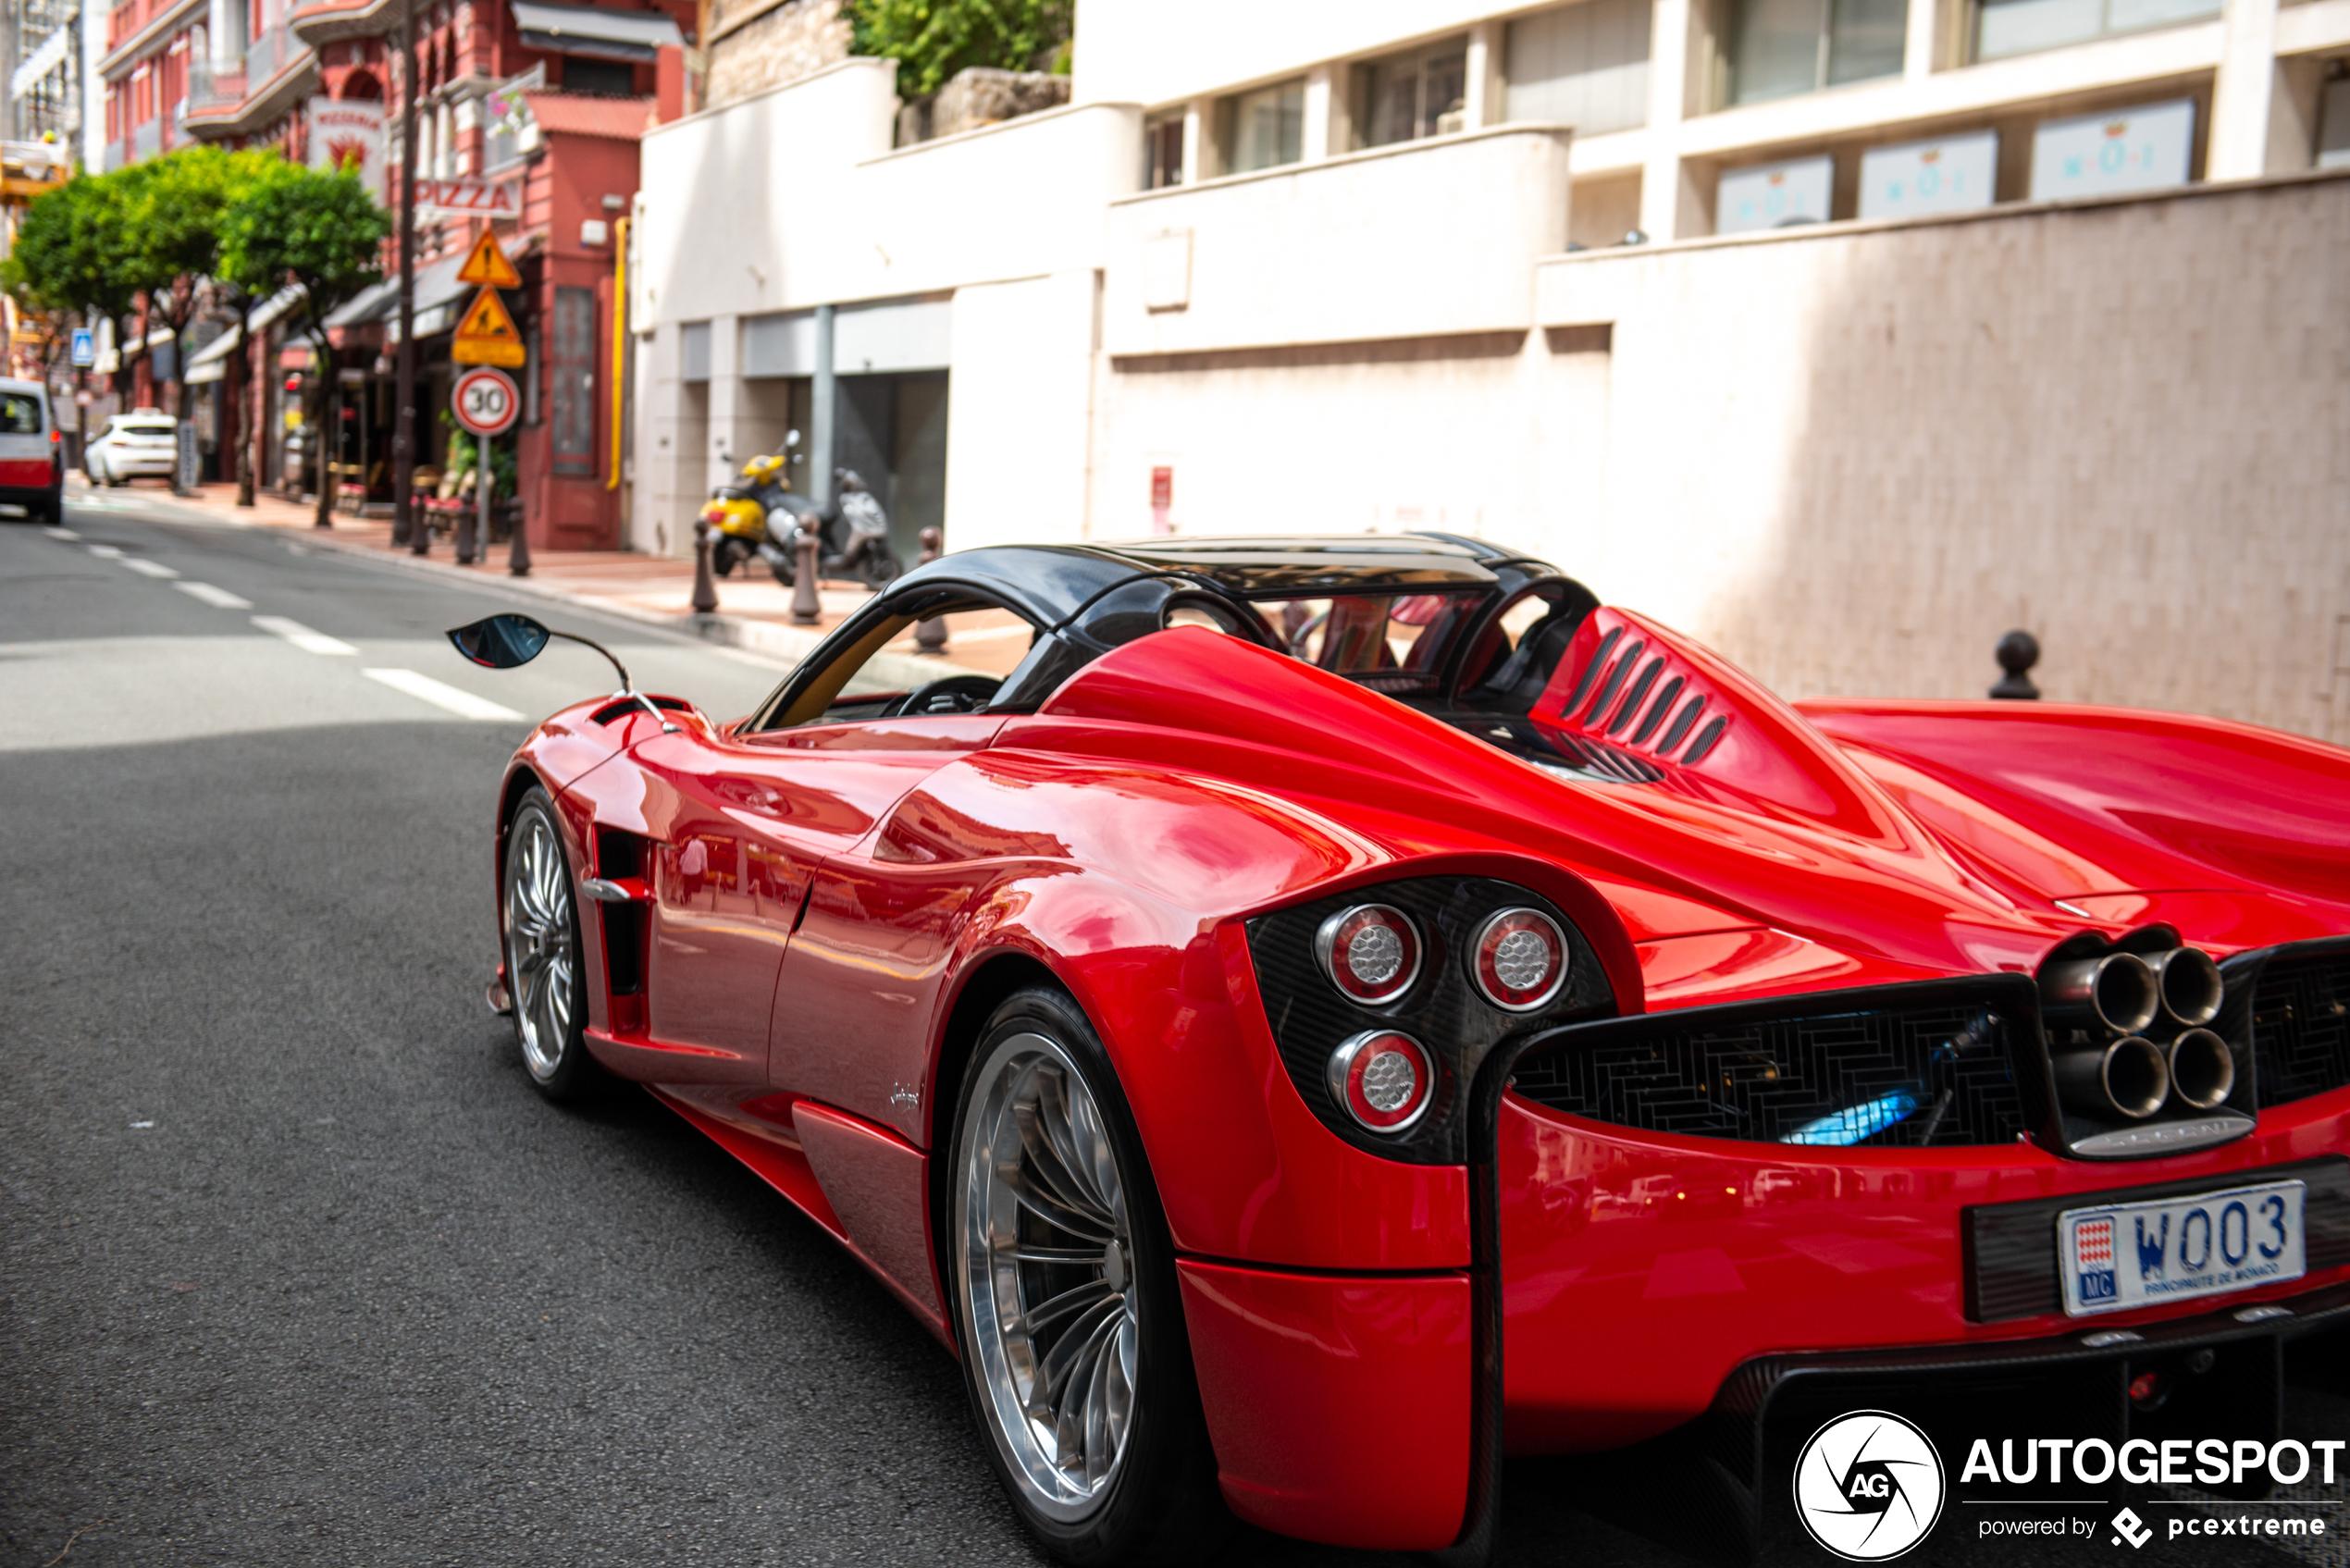 Monaco is alweer op volle sterkte: Pagani Huayra Roadster